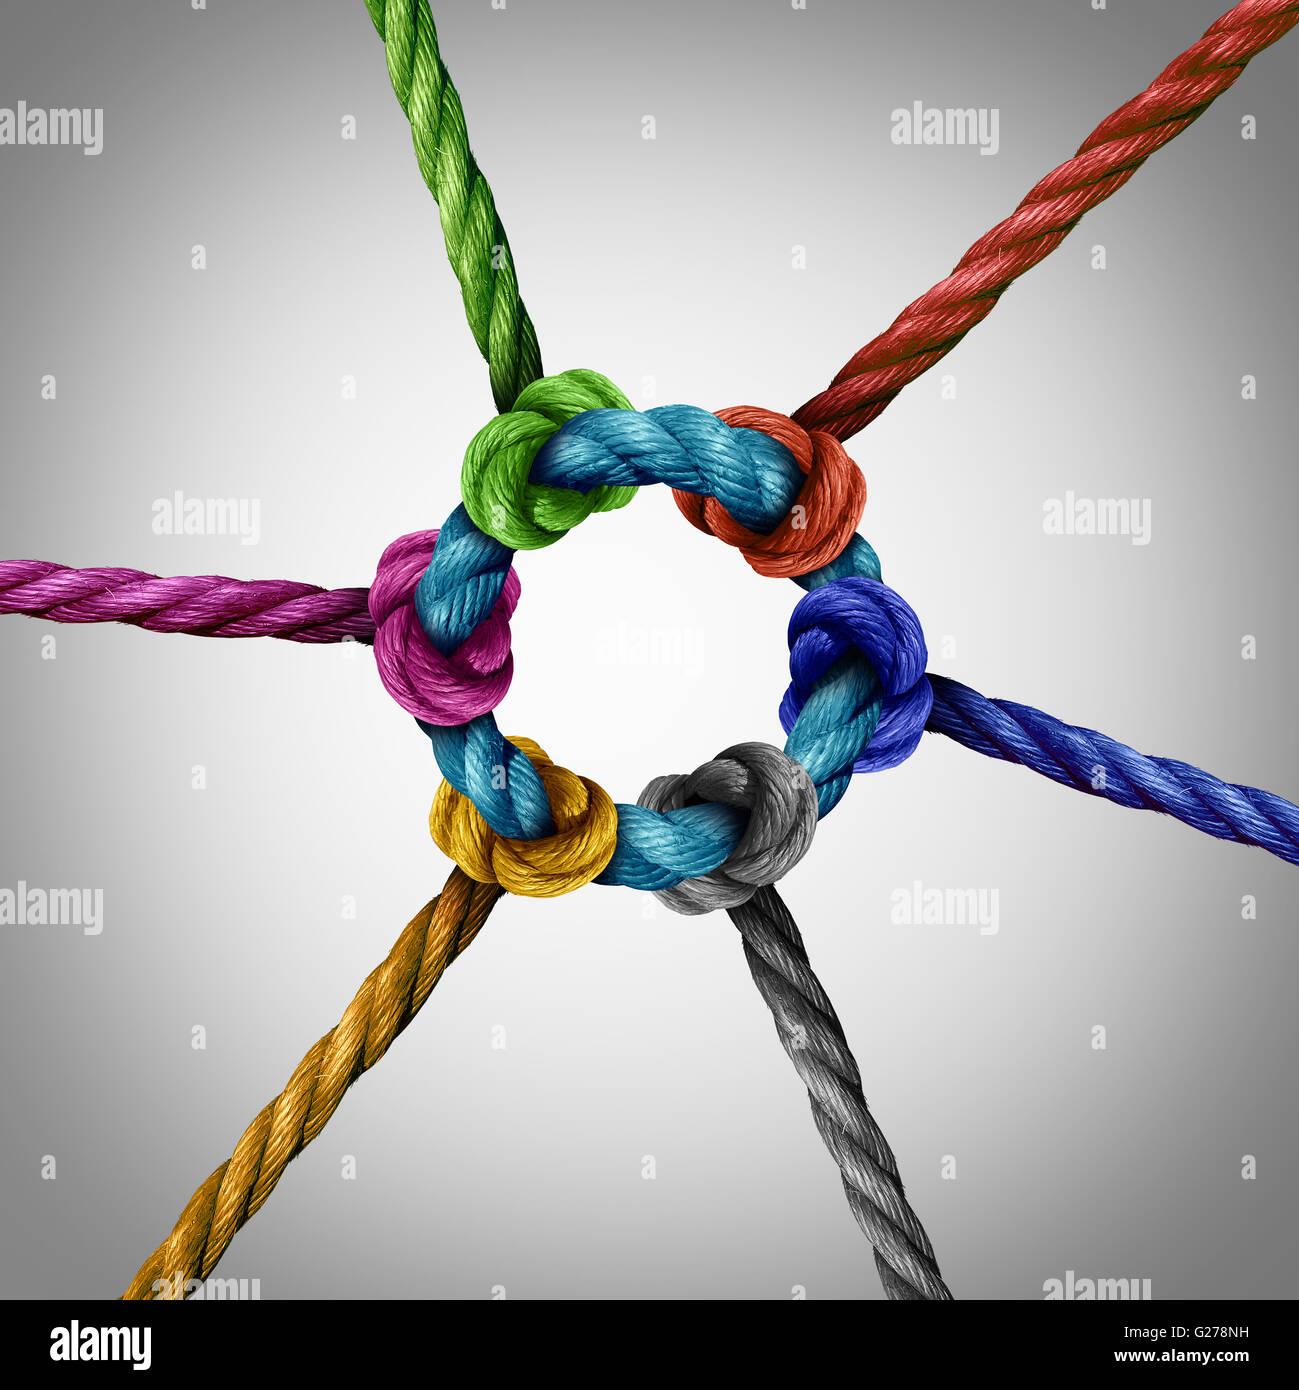 Zentrales Netzwerk Verbindung Geschäftskonzept als eine Gruppe von verschiedenen Seilen verbunden zu einem Stockbild